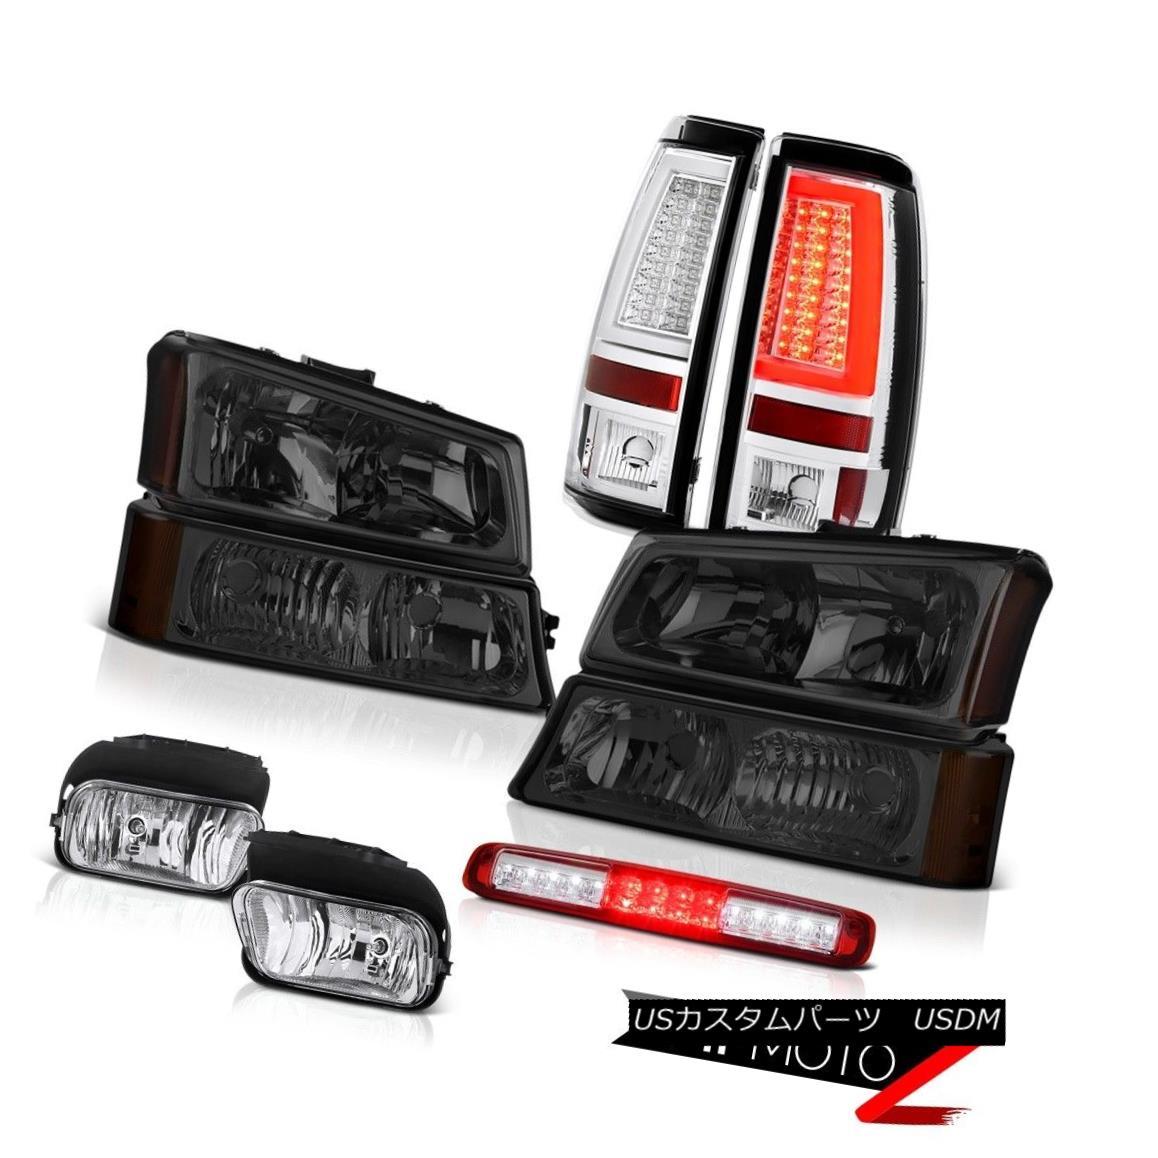 テールライト 2003-2006 Silverado 1500 Tail Lamps Headlights Fog Red Roof Cab Light Assembly 2003-2006 Silverado 1500テールランプヘッドライトフォグレッドルーフキャブライトアセンブリ